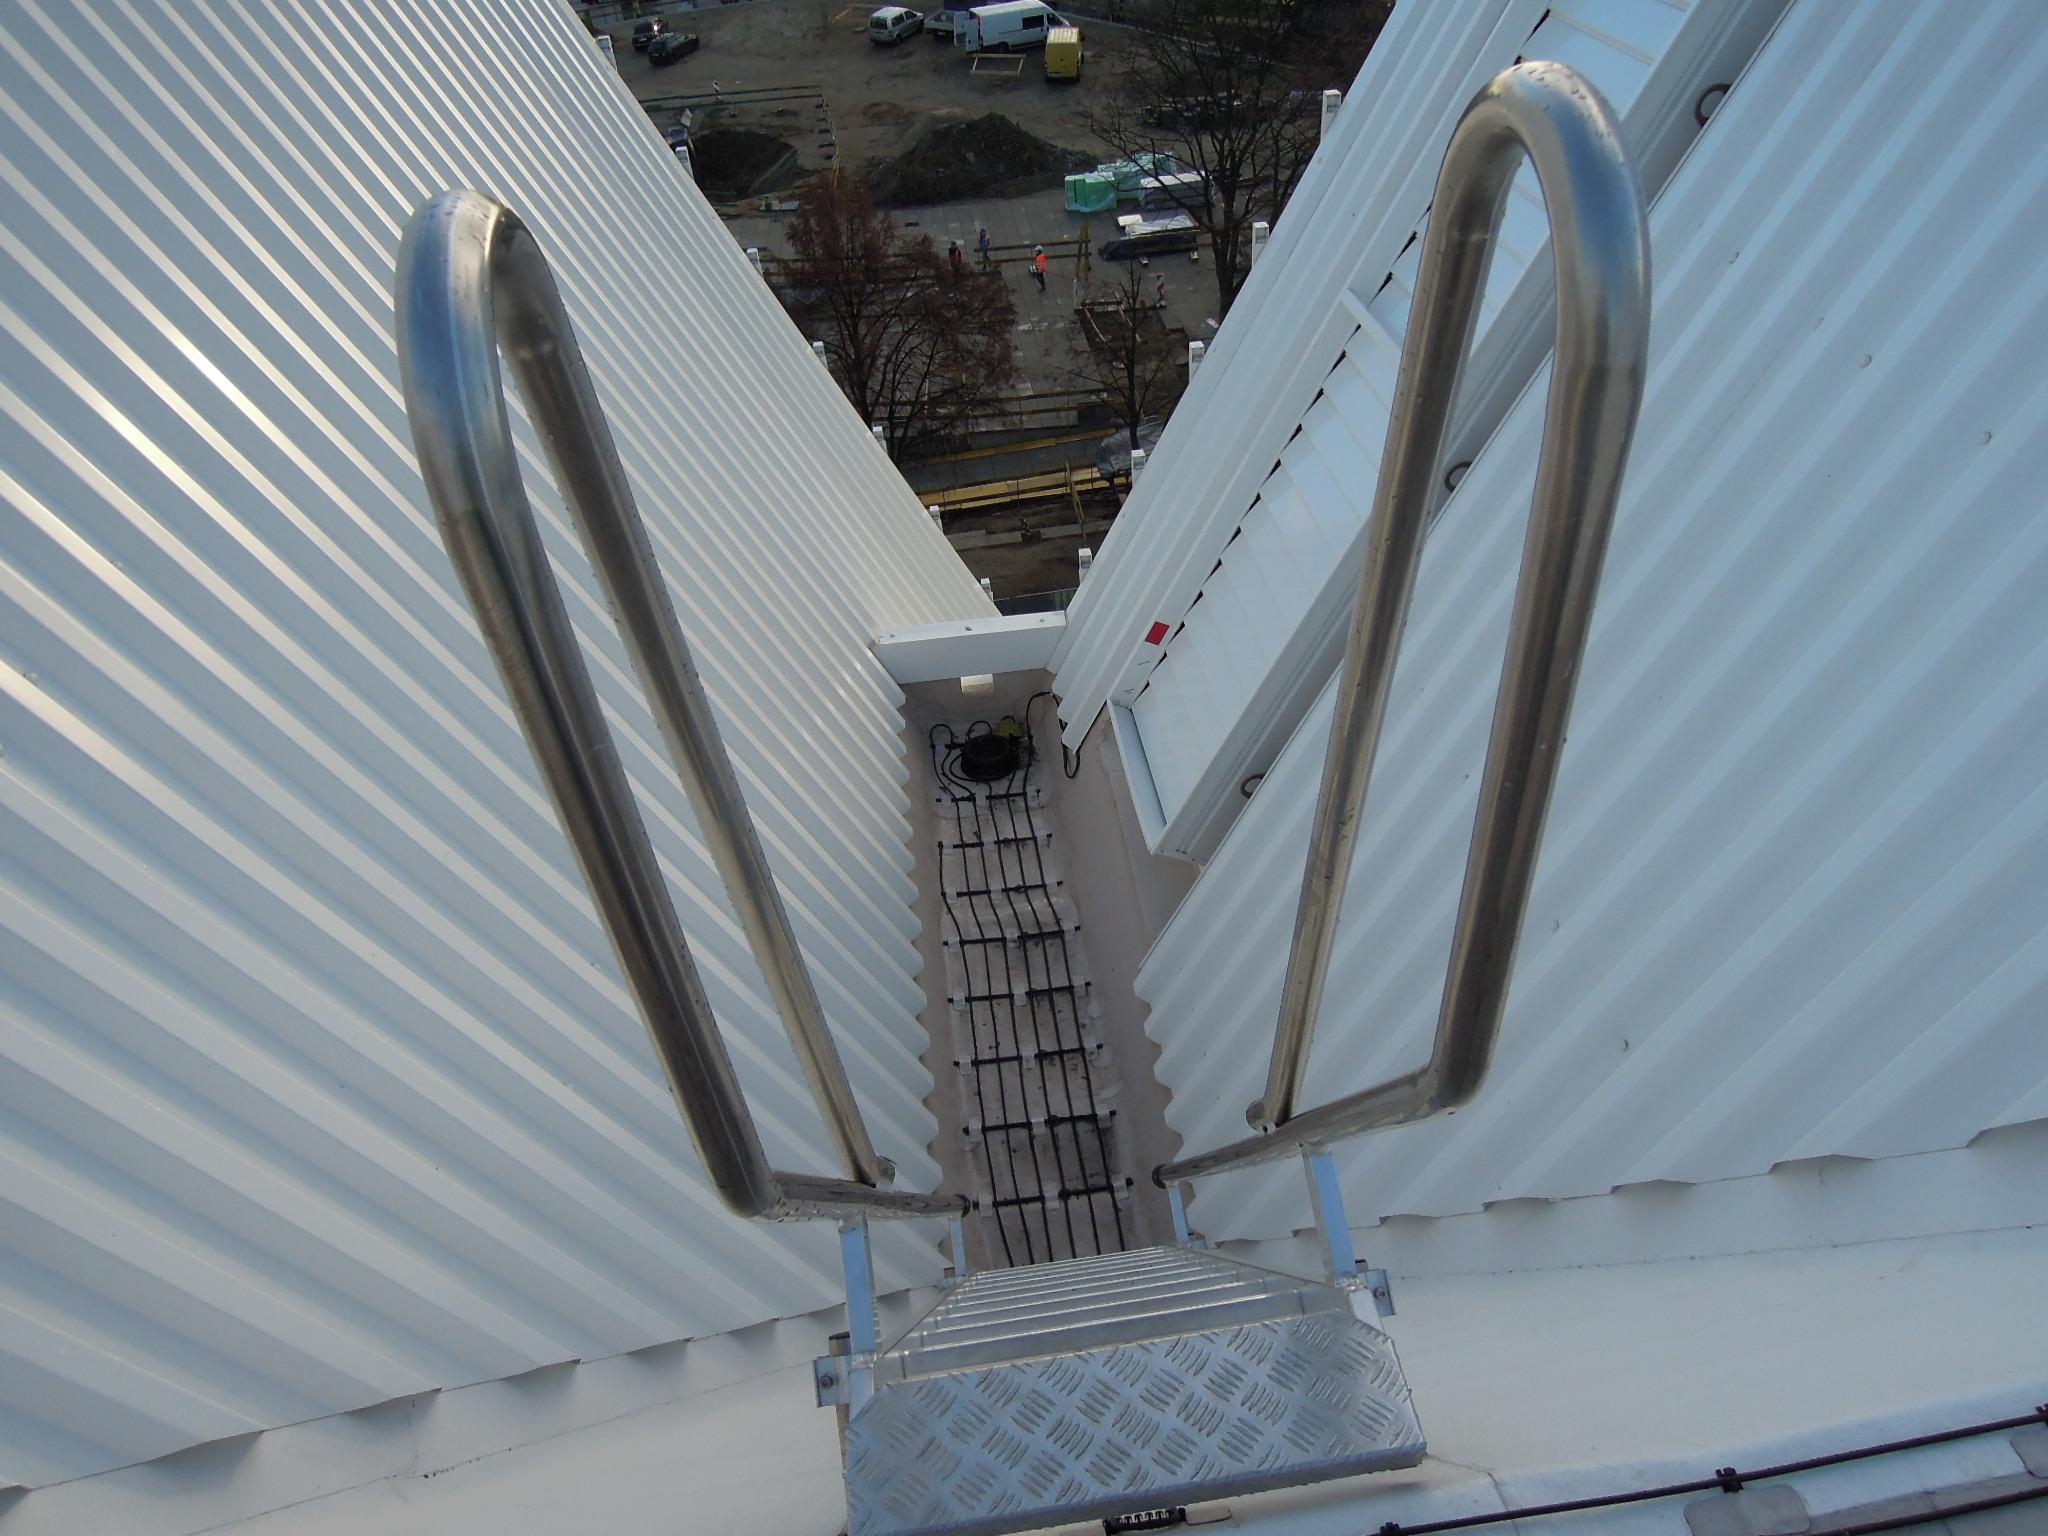 Systemy DEVI skutecznie zabezpieczają dach i podjazd przed śniegiem i lodem oraz gwarantują bezpieczeństwo gości